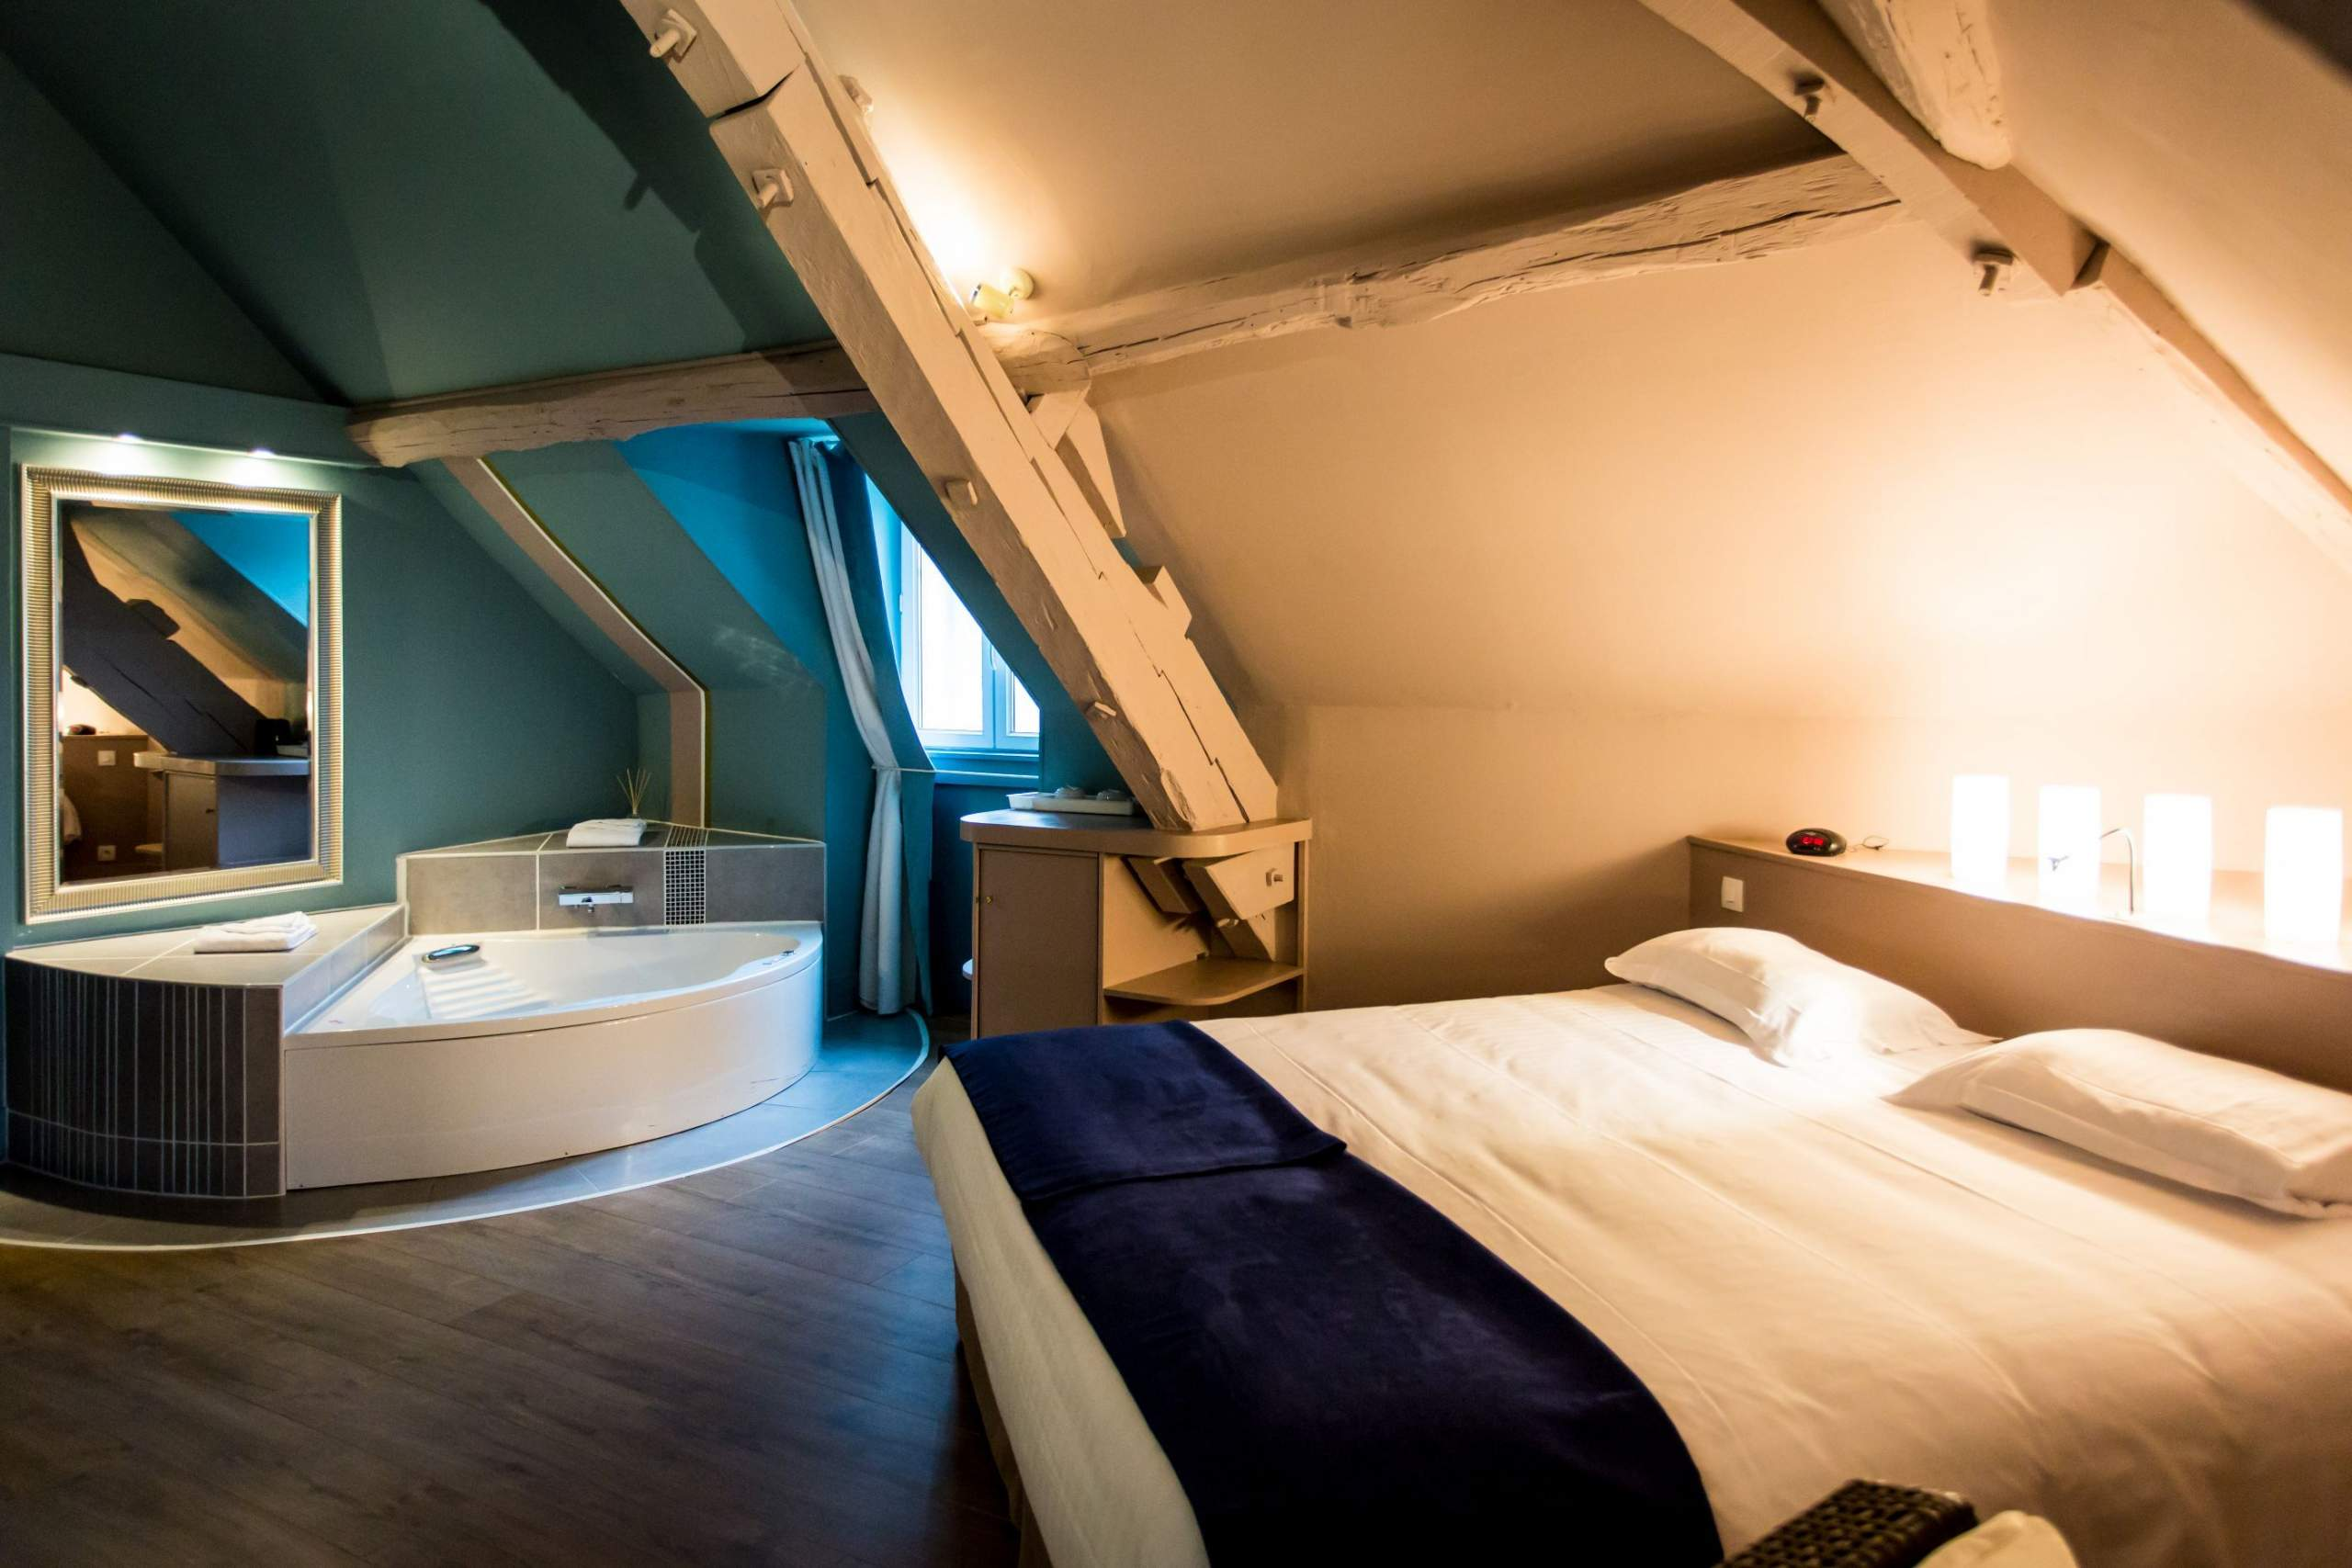 hôtel ursulines, Autun, chambre, couleur d'ambiance bleu et blanc